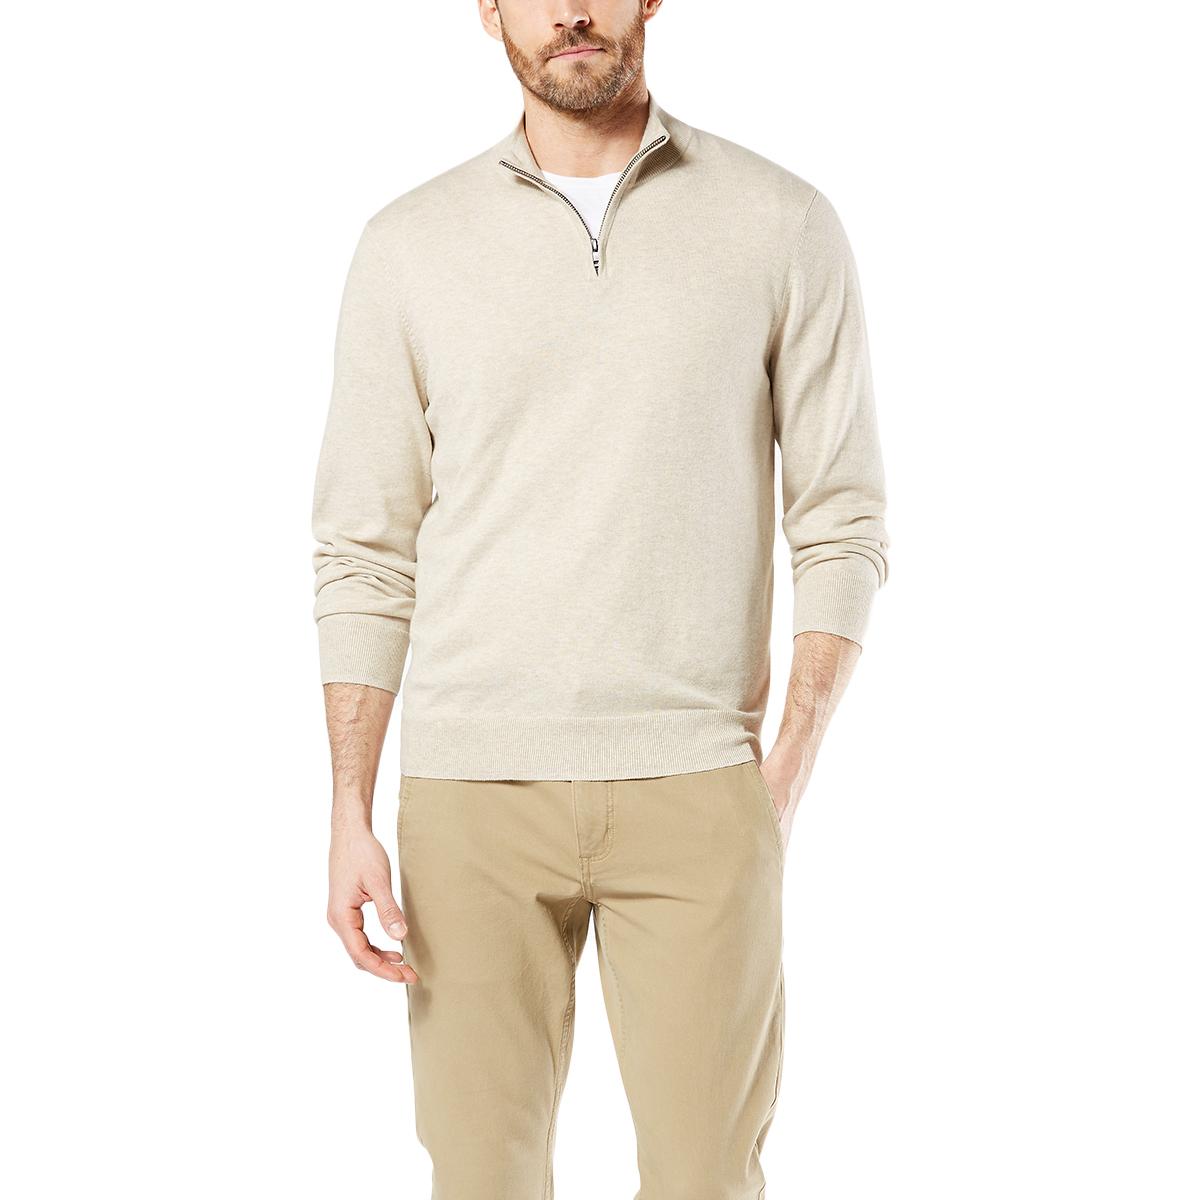 Dockers Men's 1/4-Zip Sweater - Brown, M